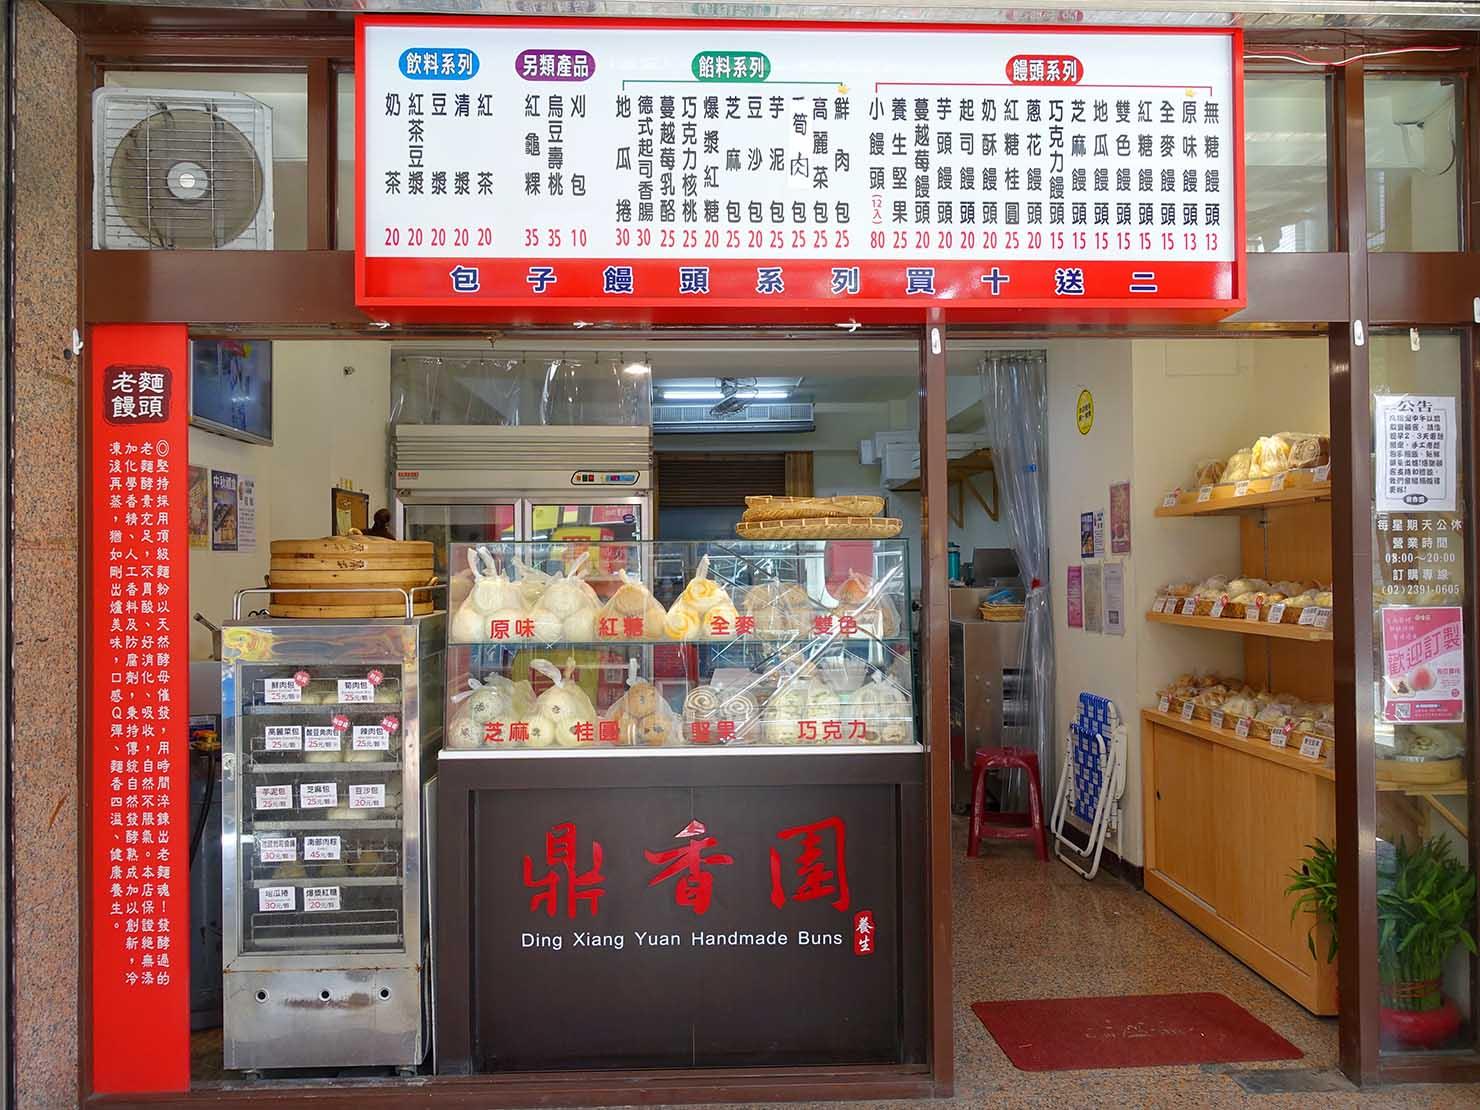 台北・善導寺のおすすめグルメ店「鼎香園手感老麵包子饅頭」の外観